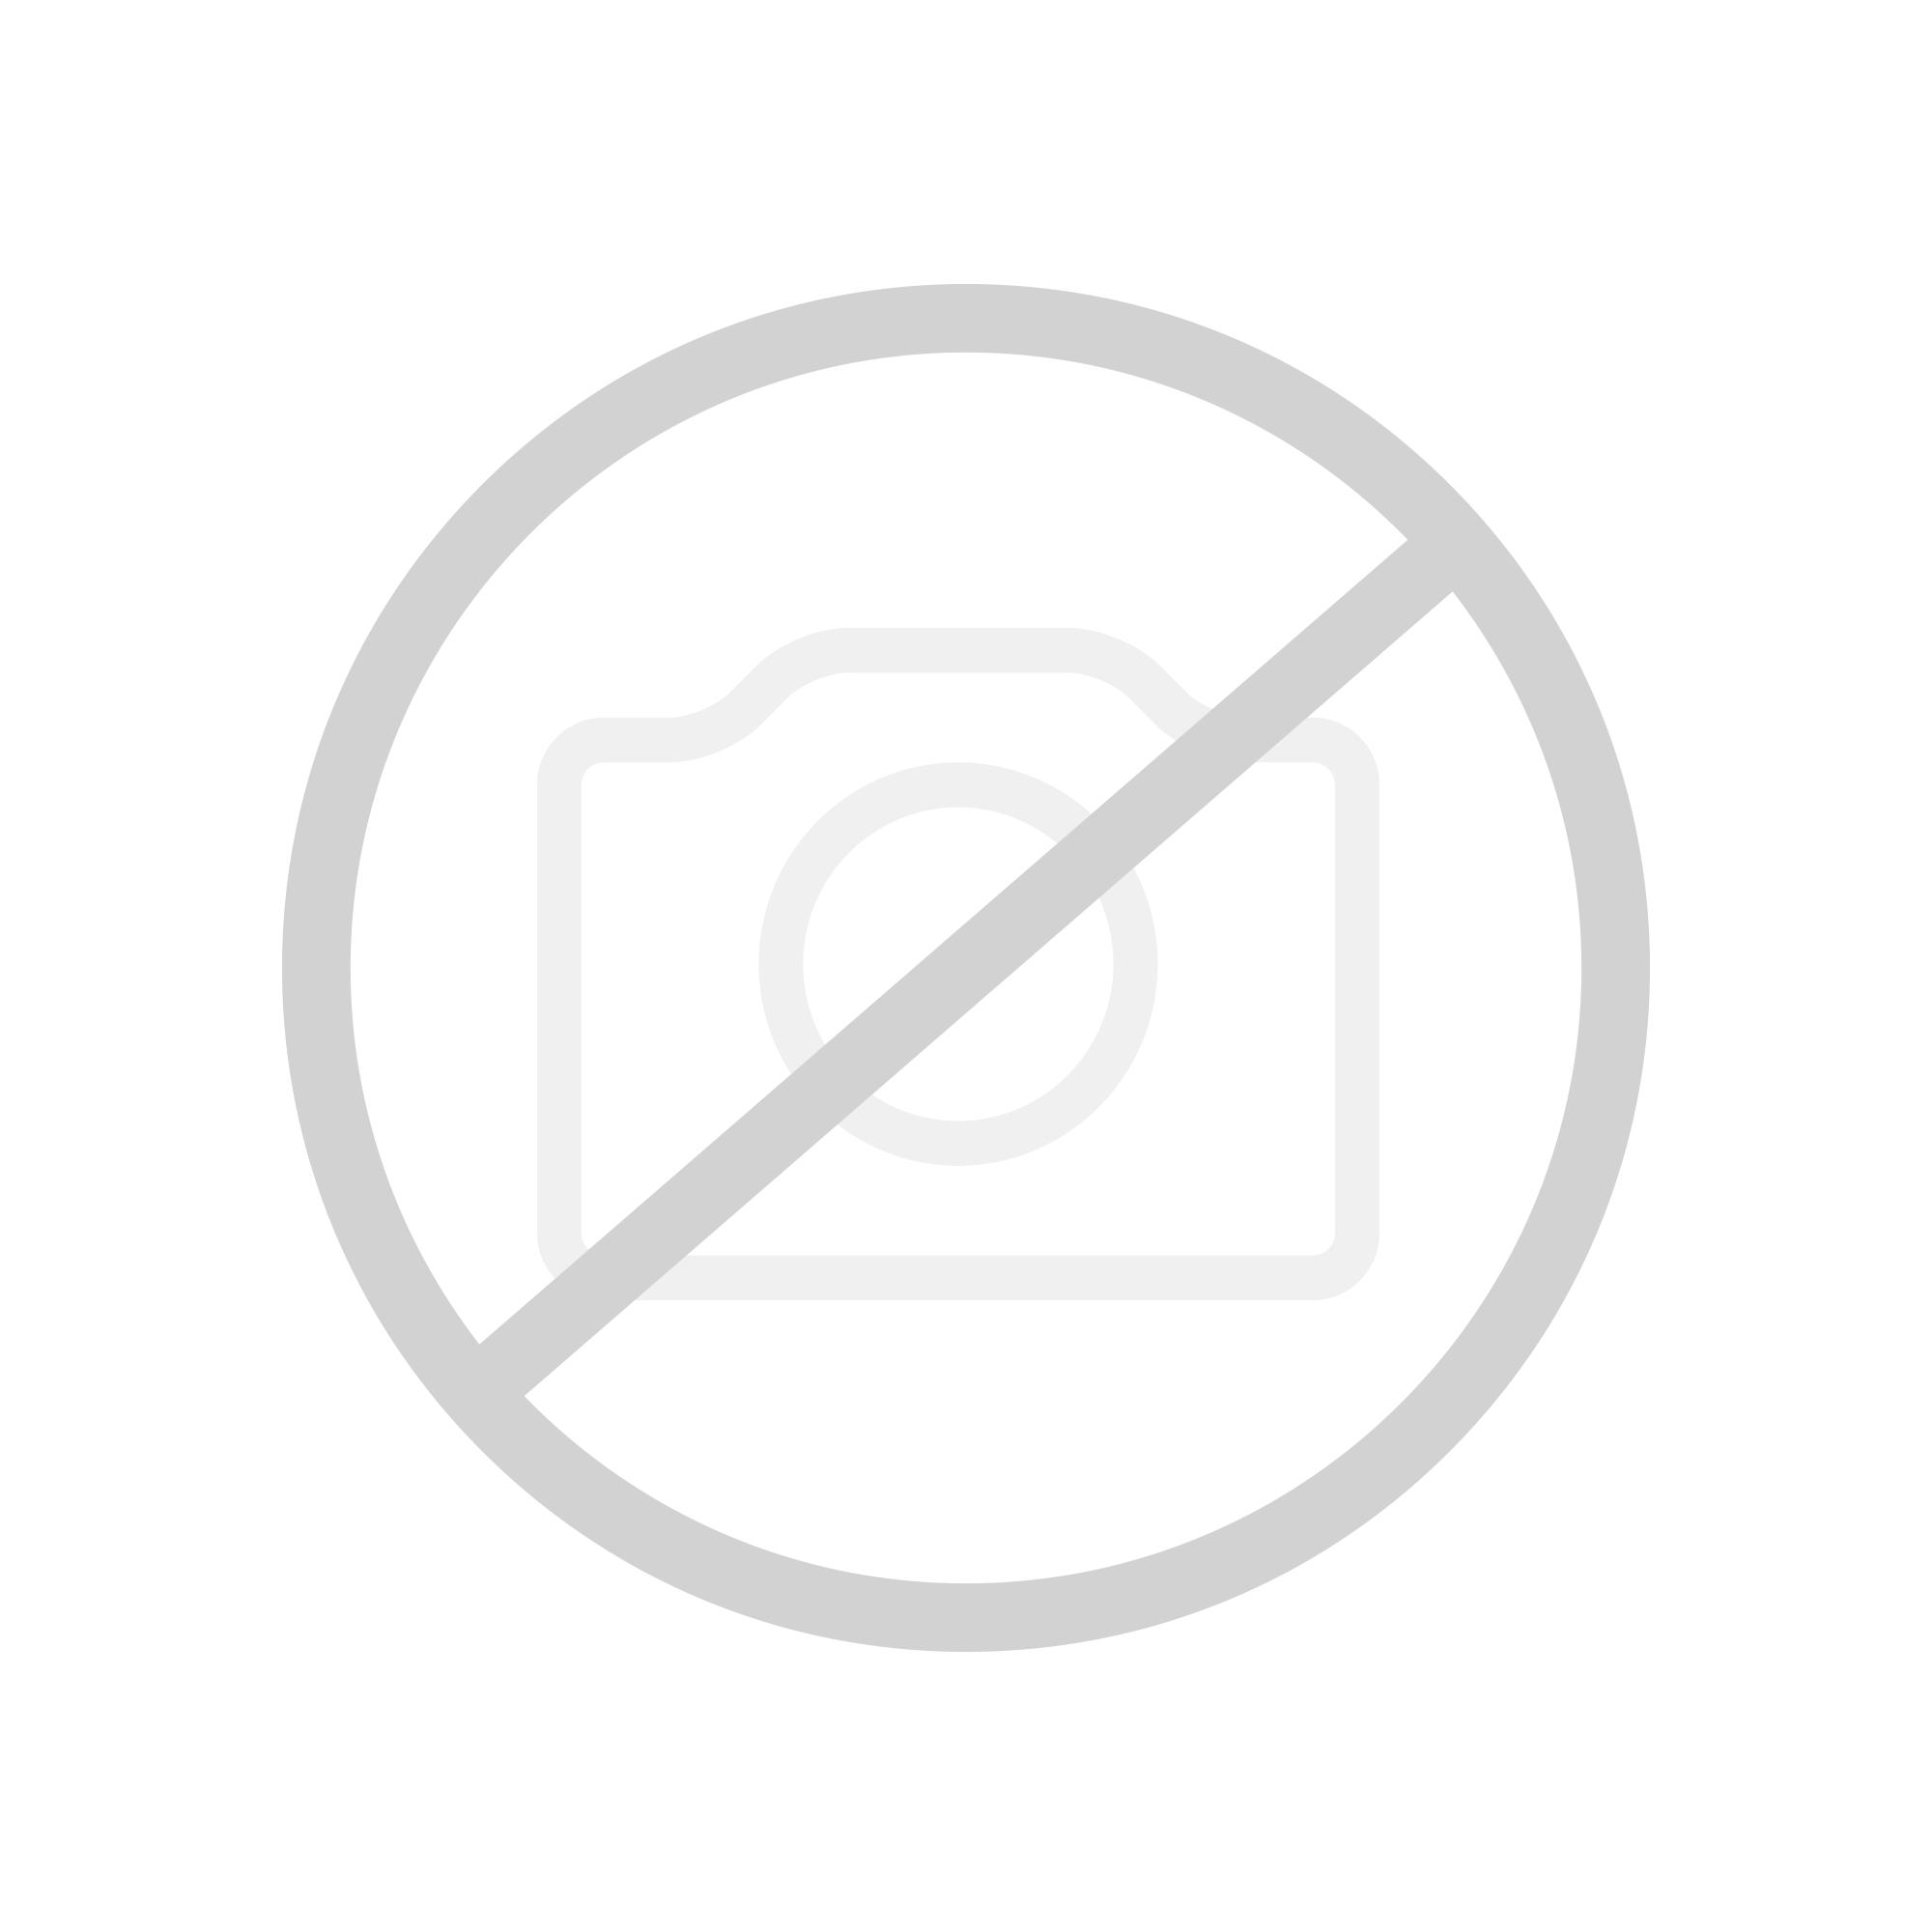 Keuco Moll Einhebel-Waschtischmischer 100 mit Ablaufgarnitur